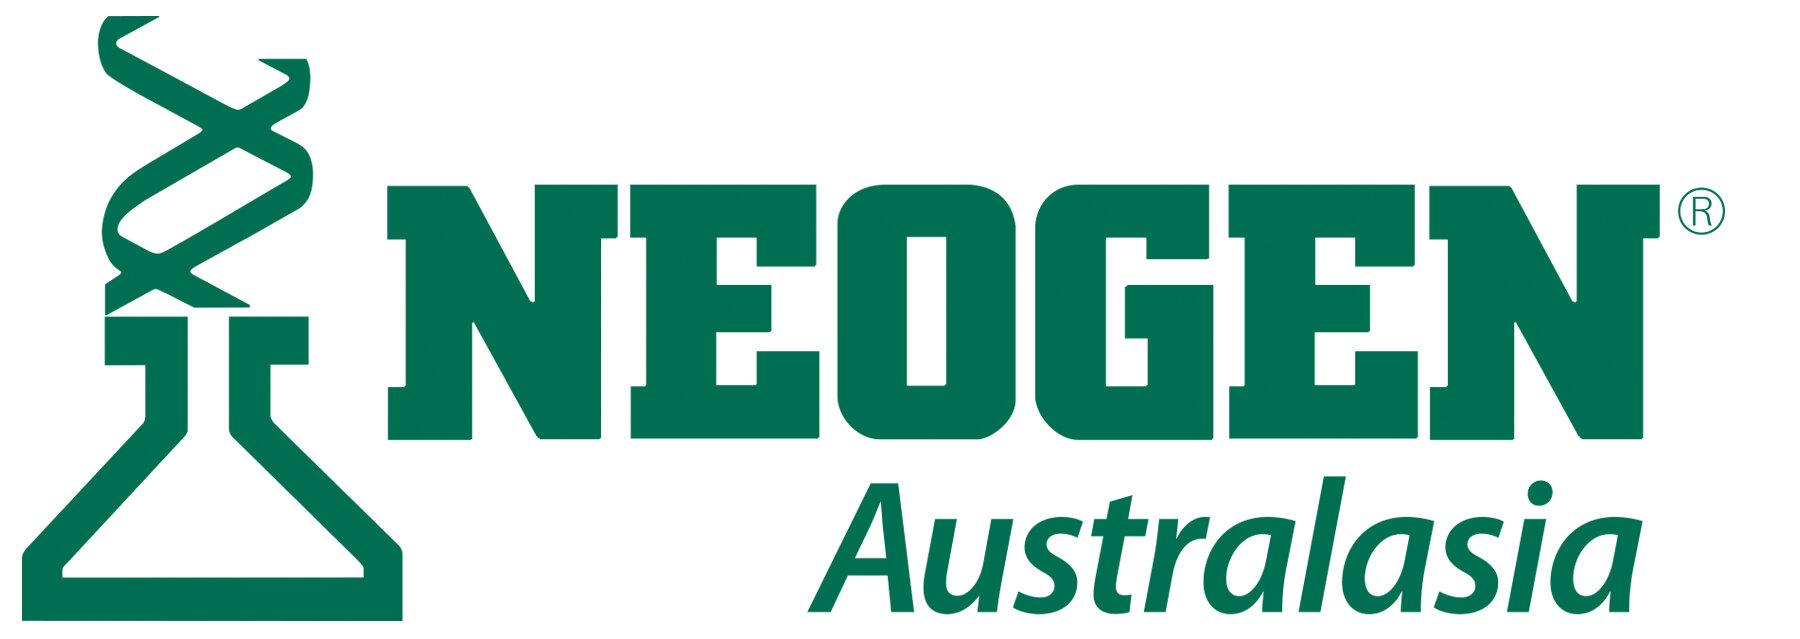 Neogen_Australasia_green.jpg